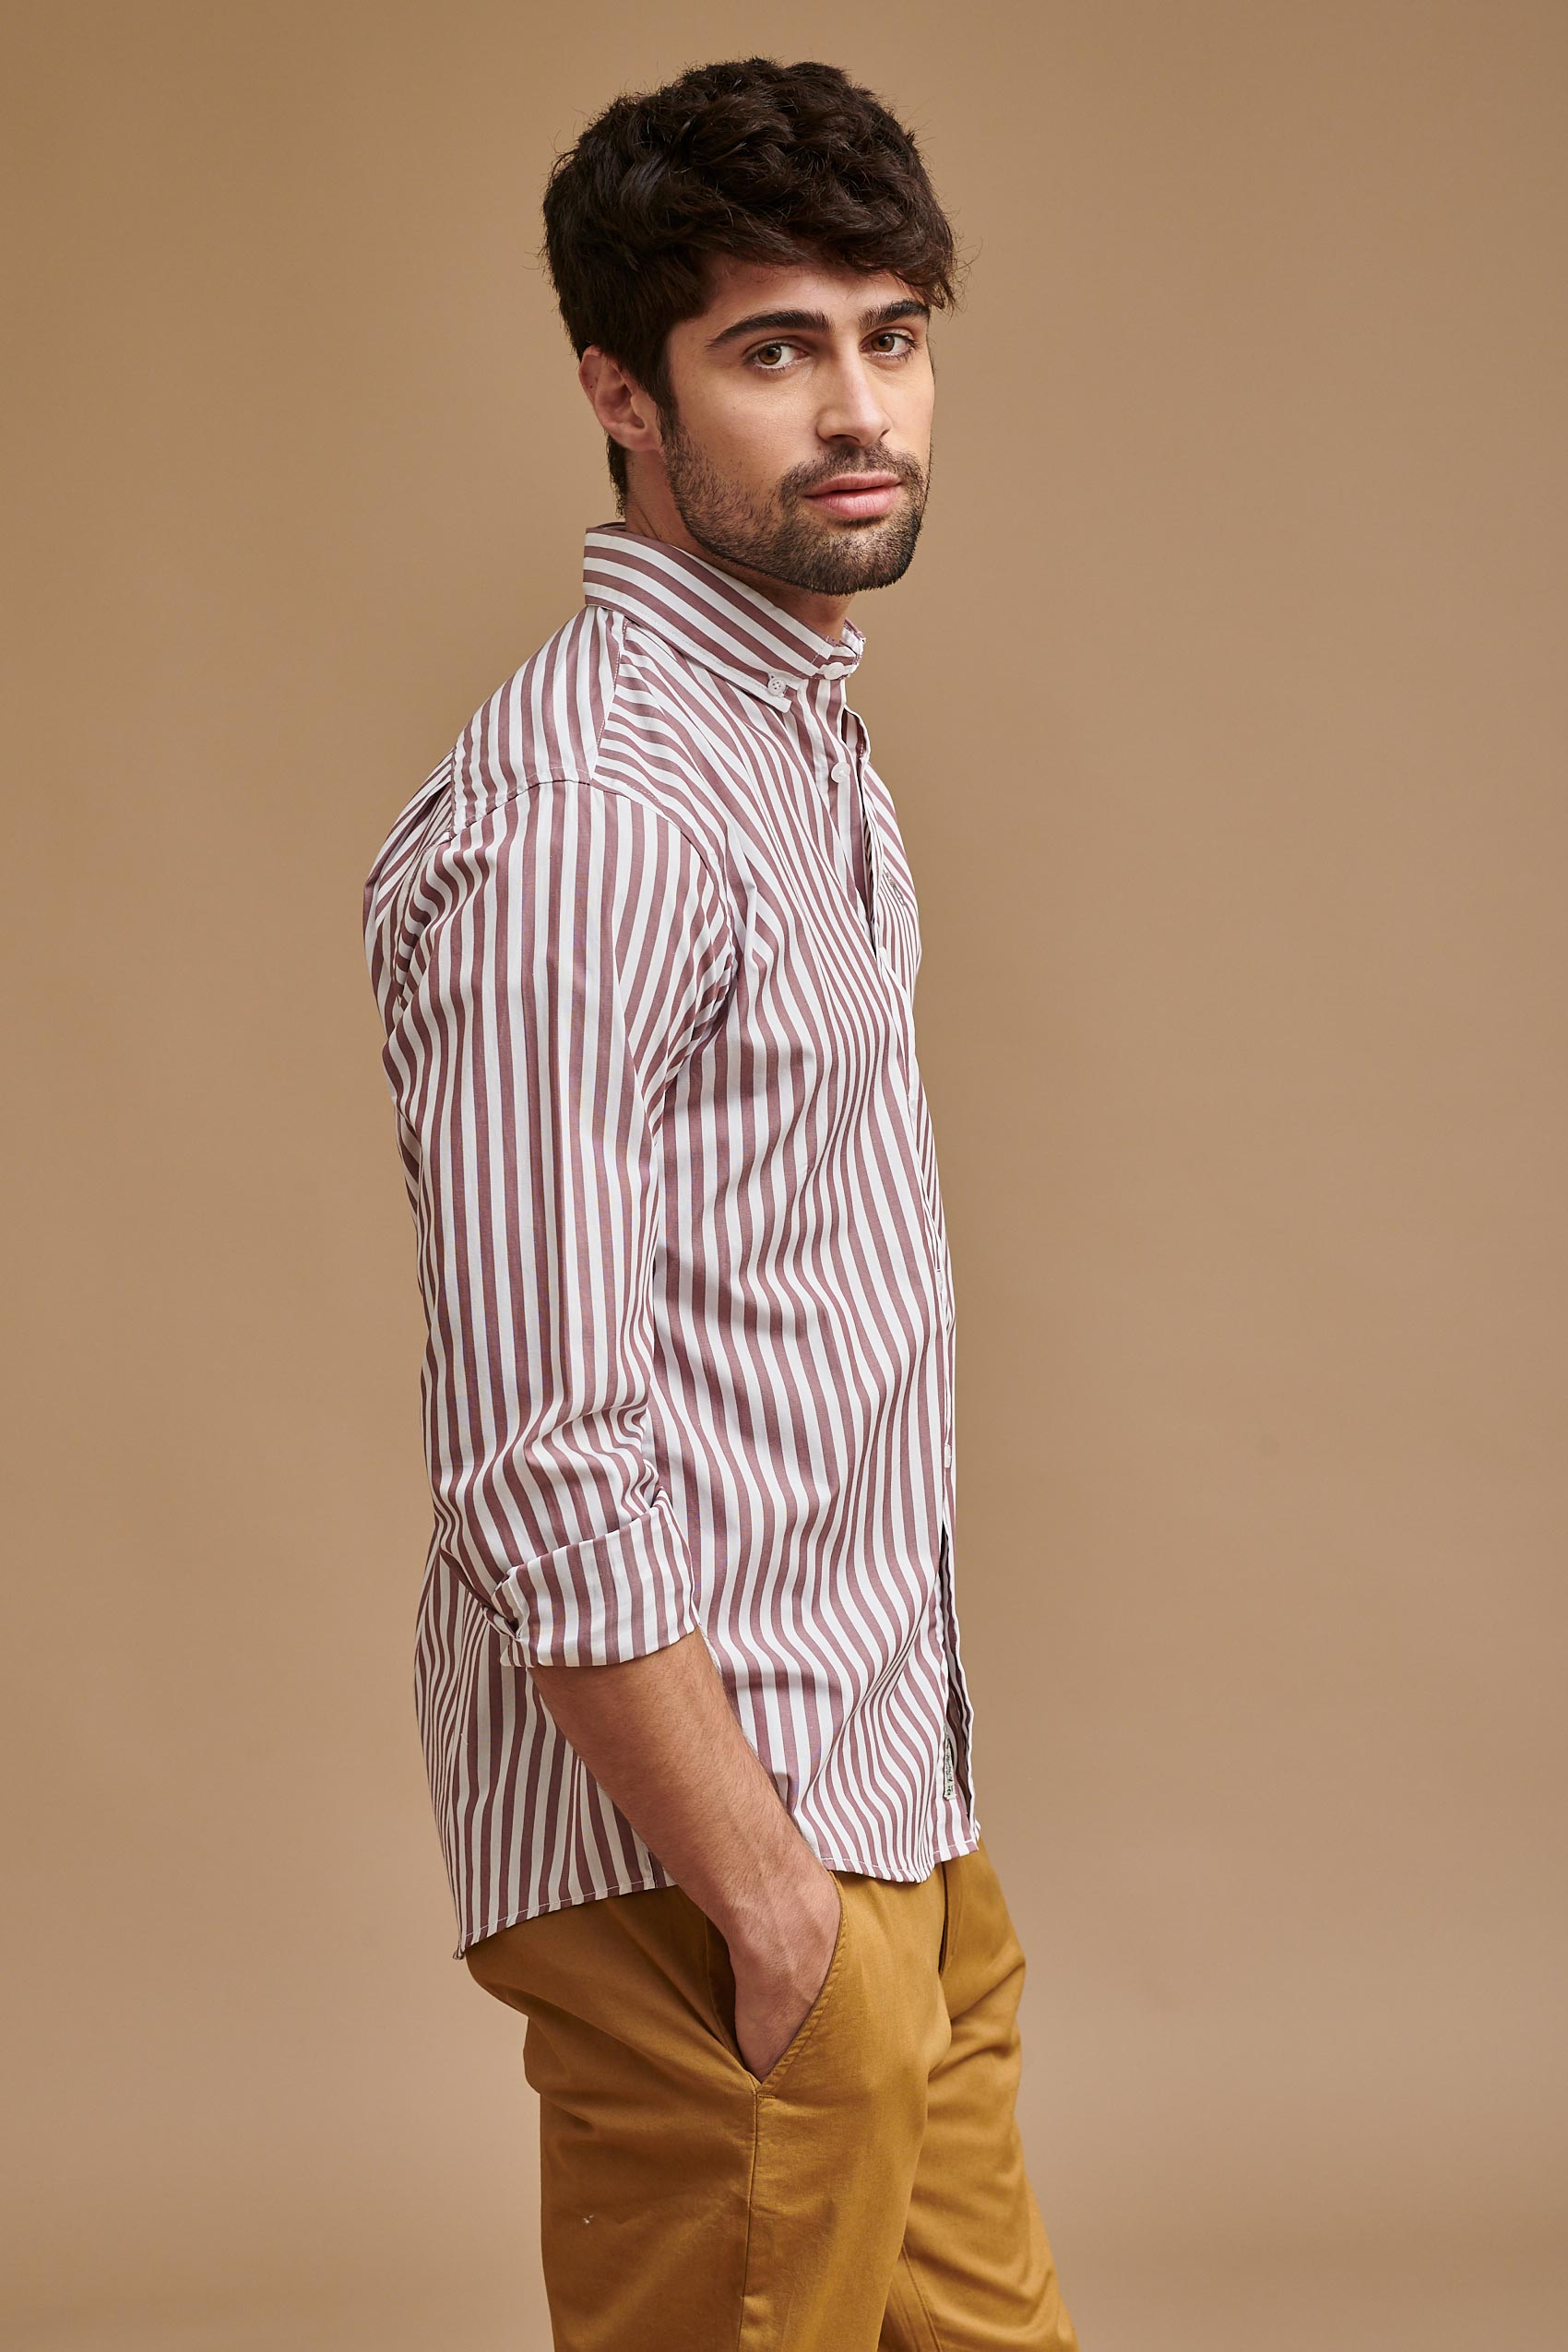 penguin_ls-wide-stripe-shirt-b/d_16-14-2020__picture-15007